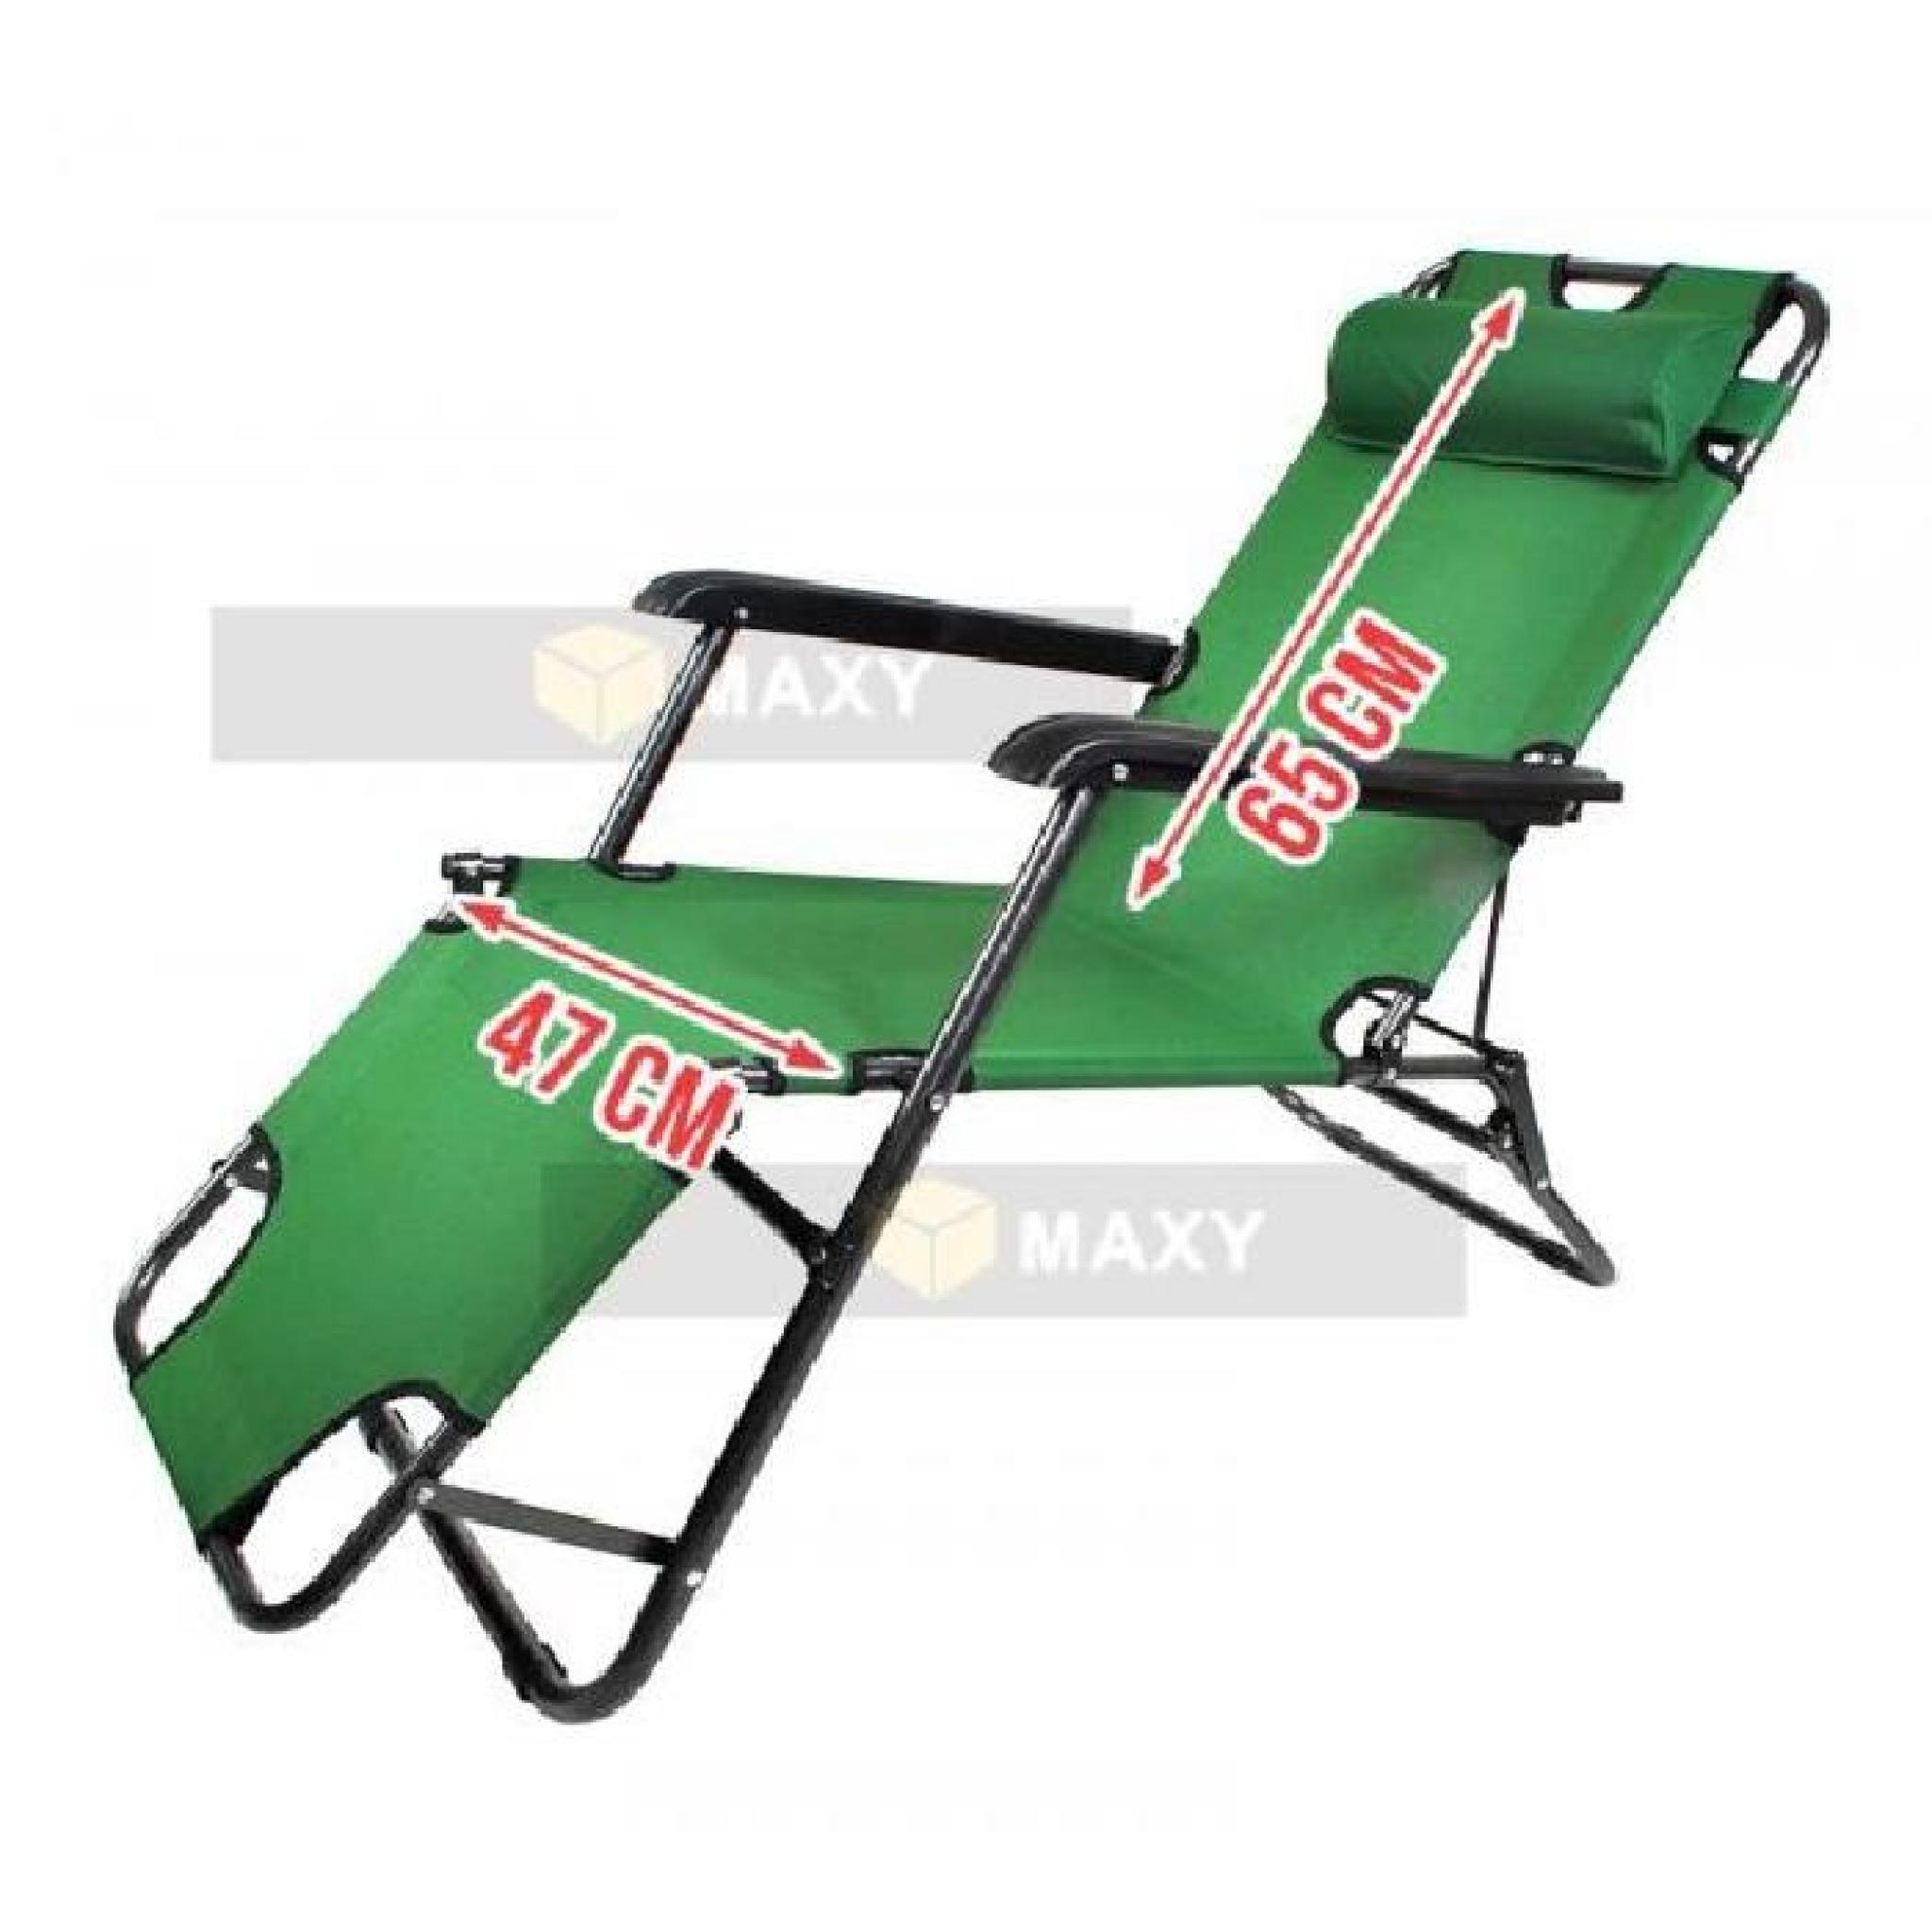 Chaise longue transat 3 positions fauteuil pliable jardin for Transat piscine pas cher